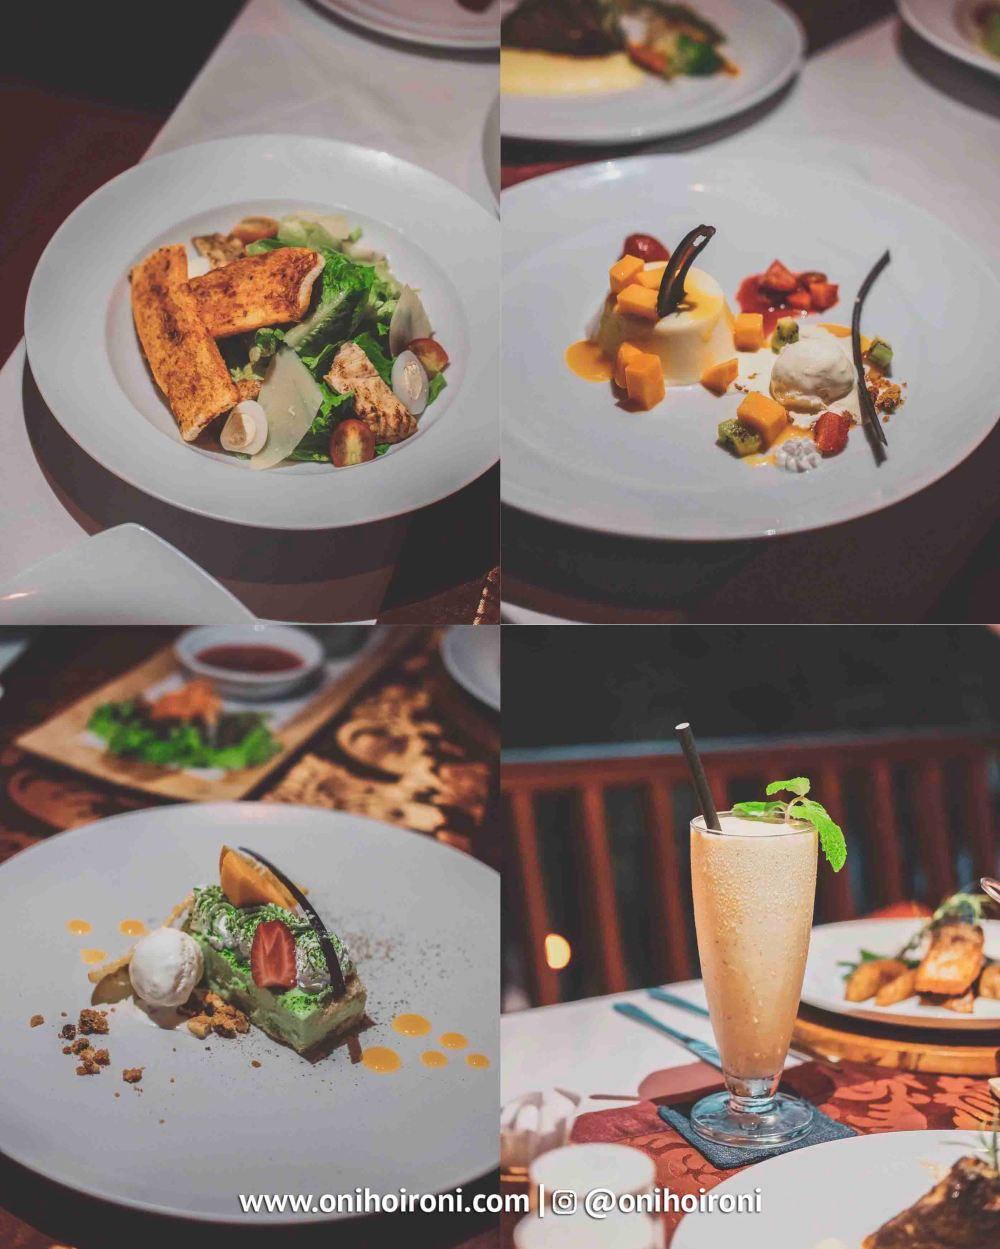 2 food Sungai Restaurant Sthala Ubud Bali Oni Hoironi